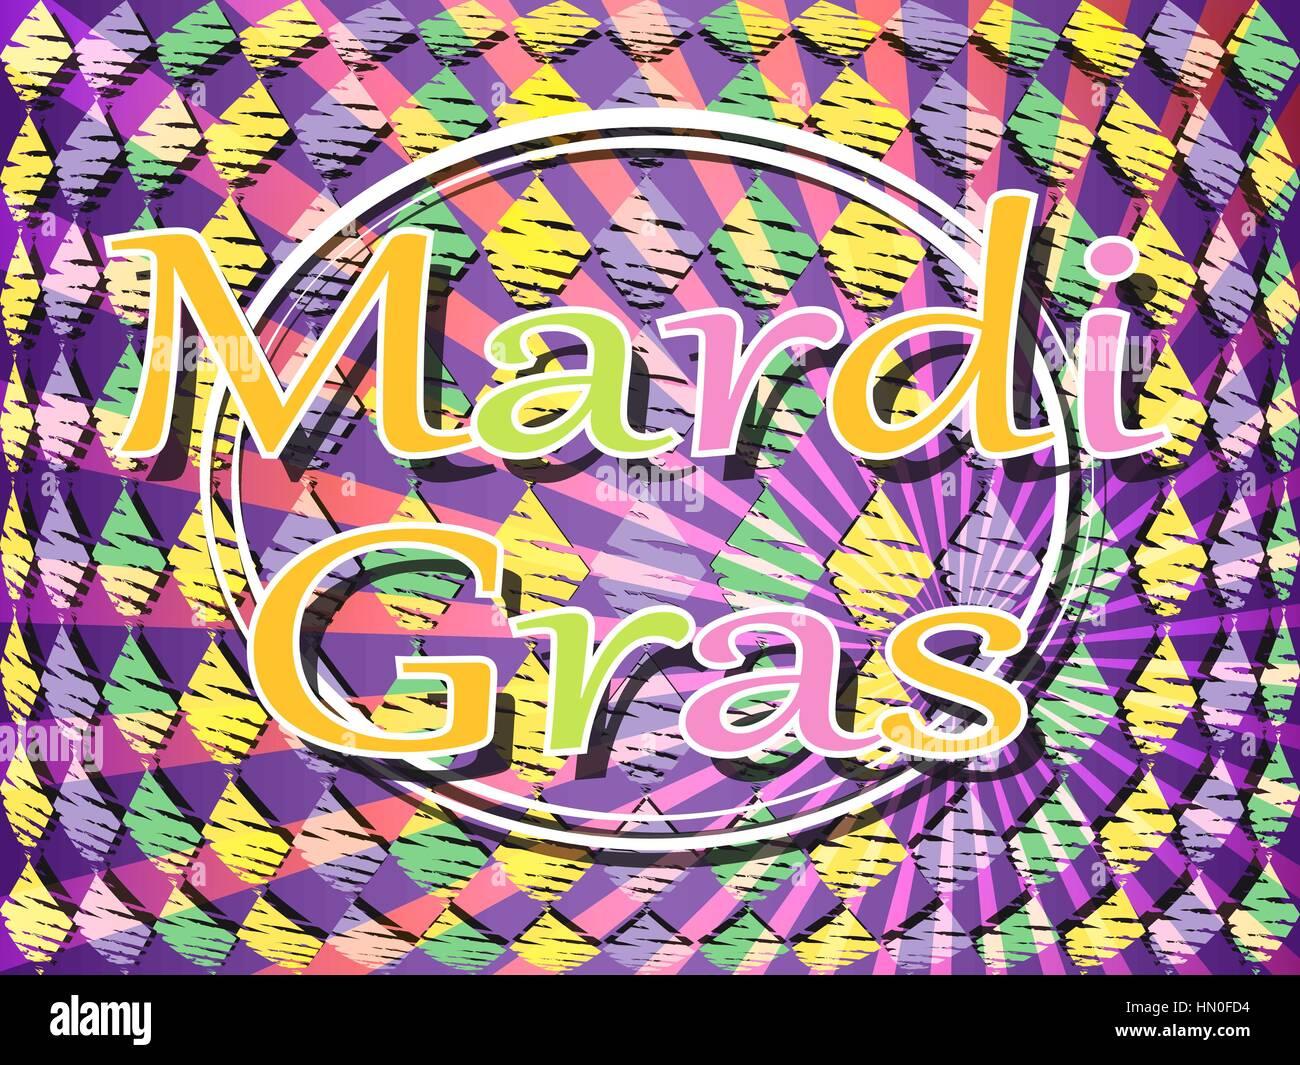 Fasching Karneval Farbigen Hintergrund Vektor Illustration Vektor